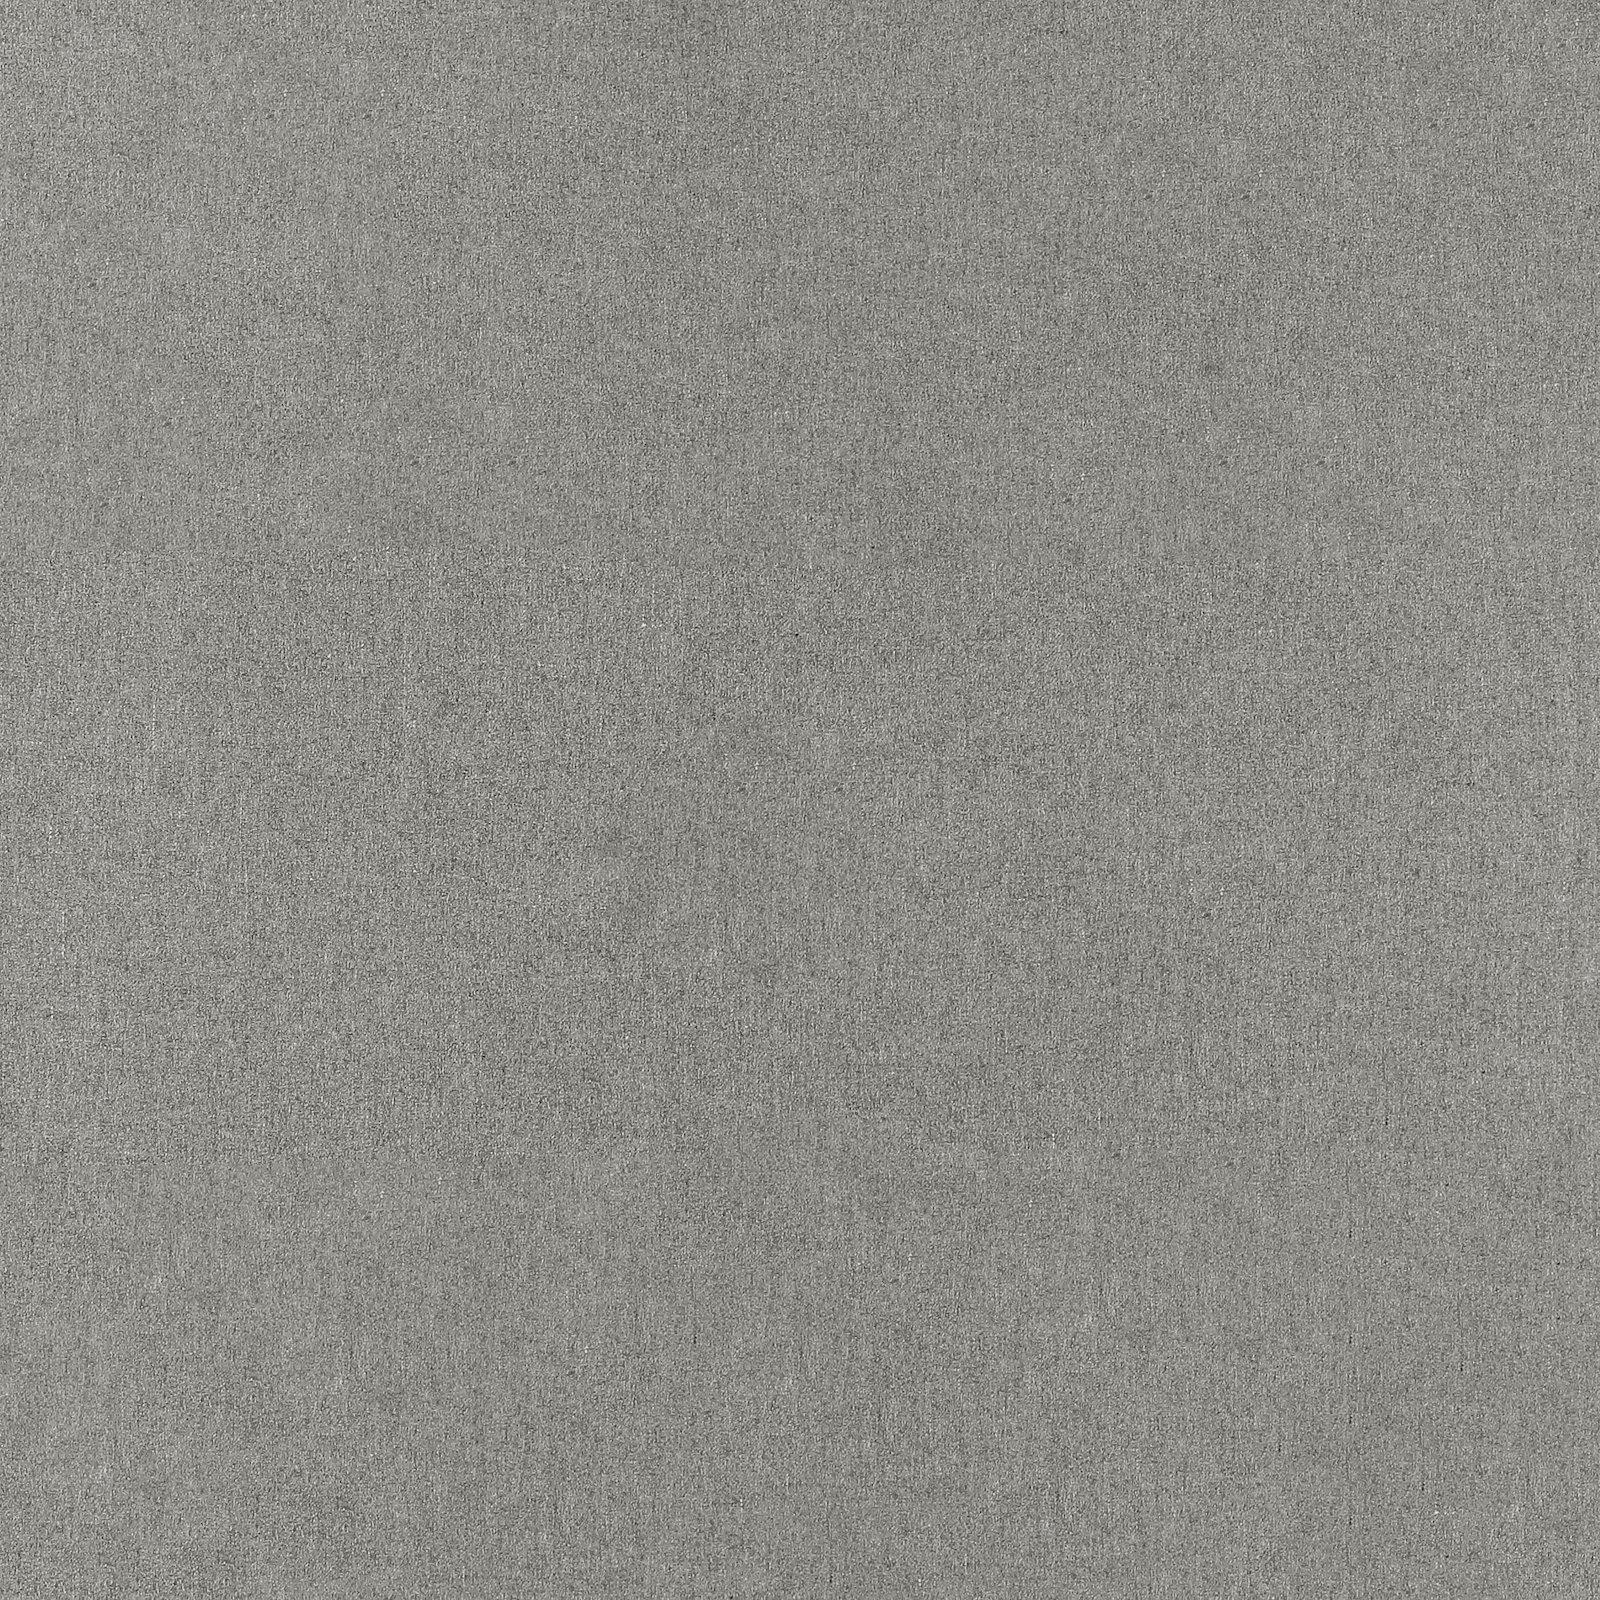 Woven wool grey melange 300226_pack_solid